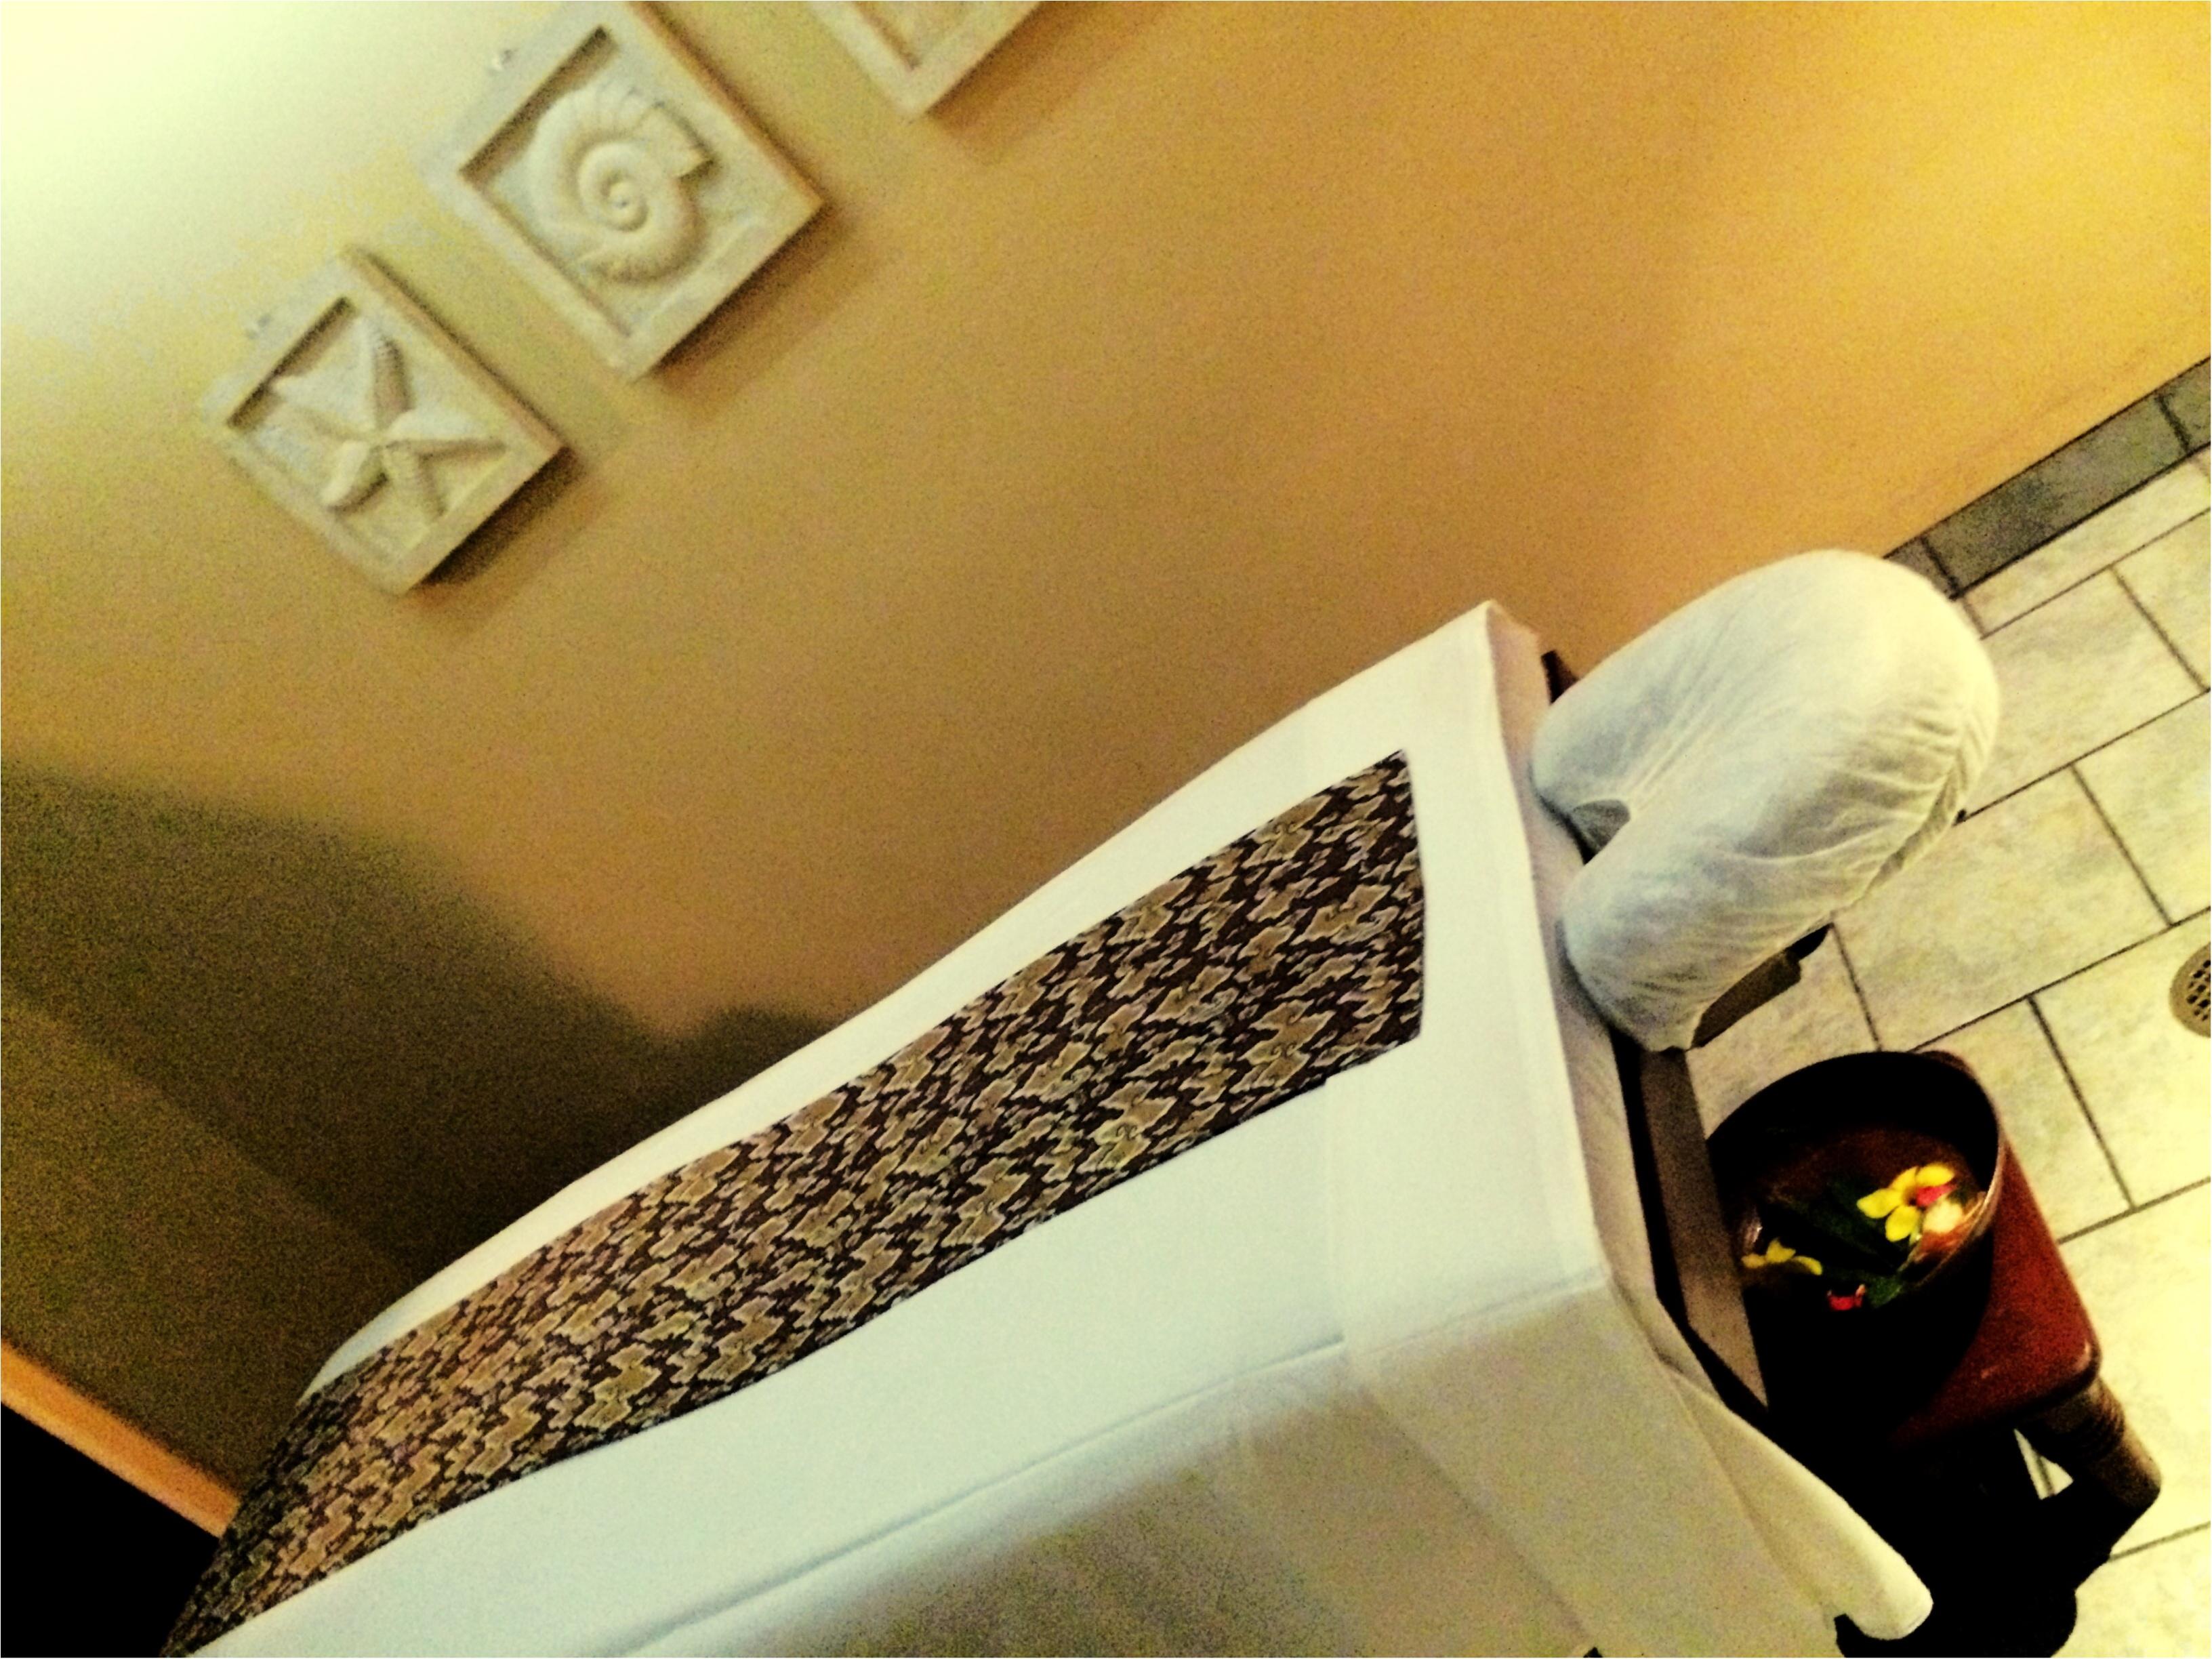 グアム女子旅特集《2019年版》- 旅する女子がおすすめするカフェやグルメ、インスタ映えスポット、ホテルまとめ_51